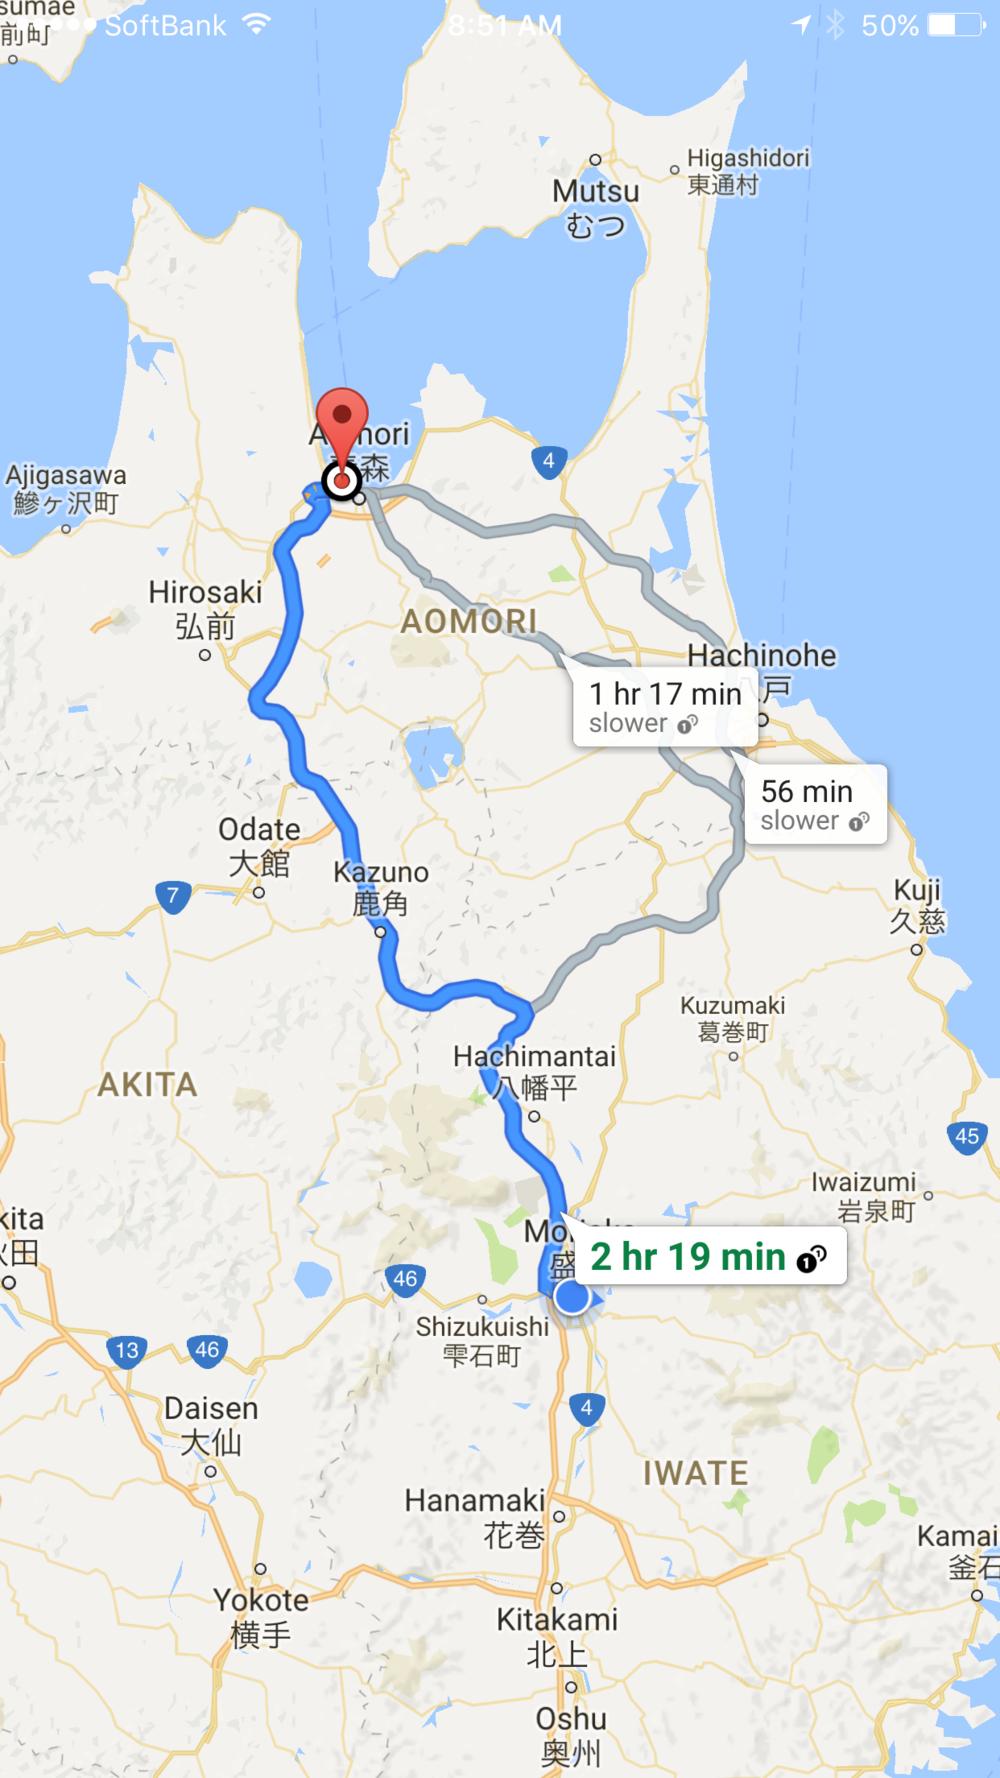 Morioka, Iwate to the ferry terminal in Aomori, one of two ferry routes to Hokkaido